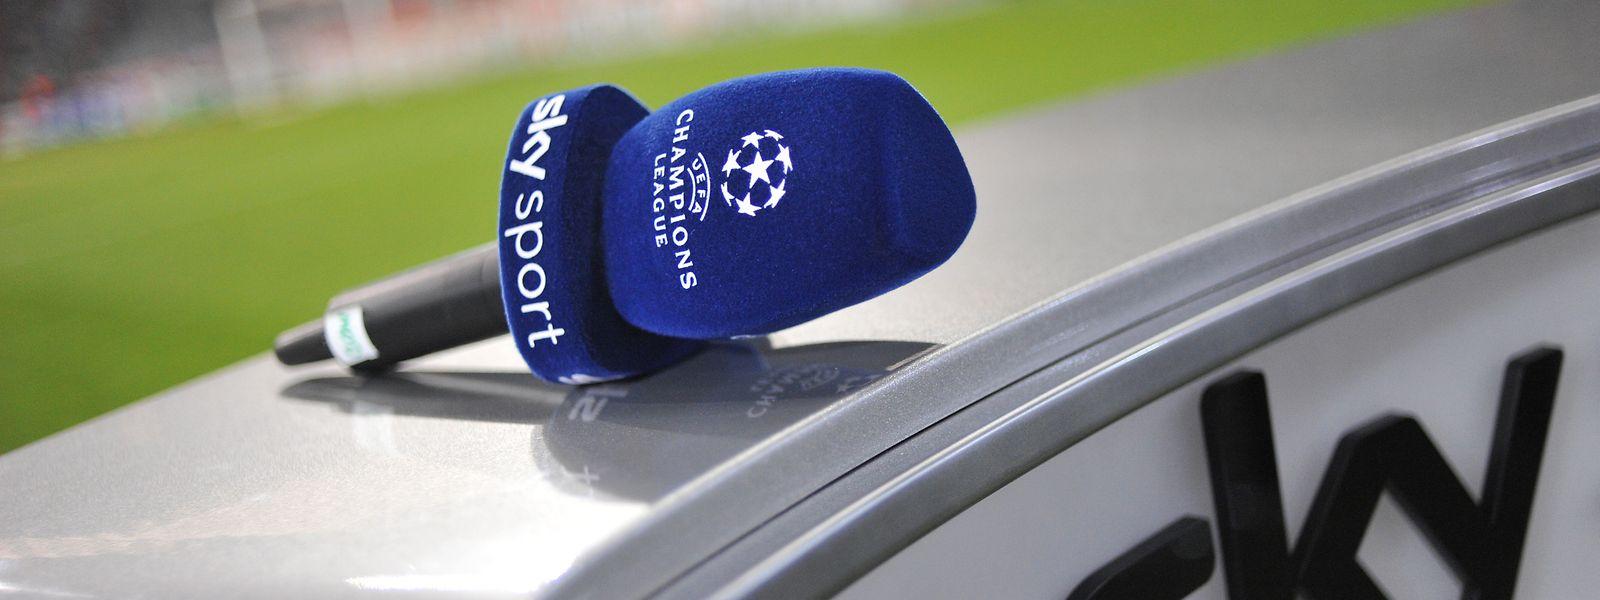 In der nächsten Saison ruht das Sky-Mikrofon in der Fußball-Königsklasse.